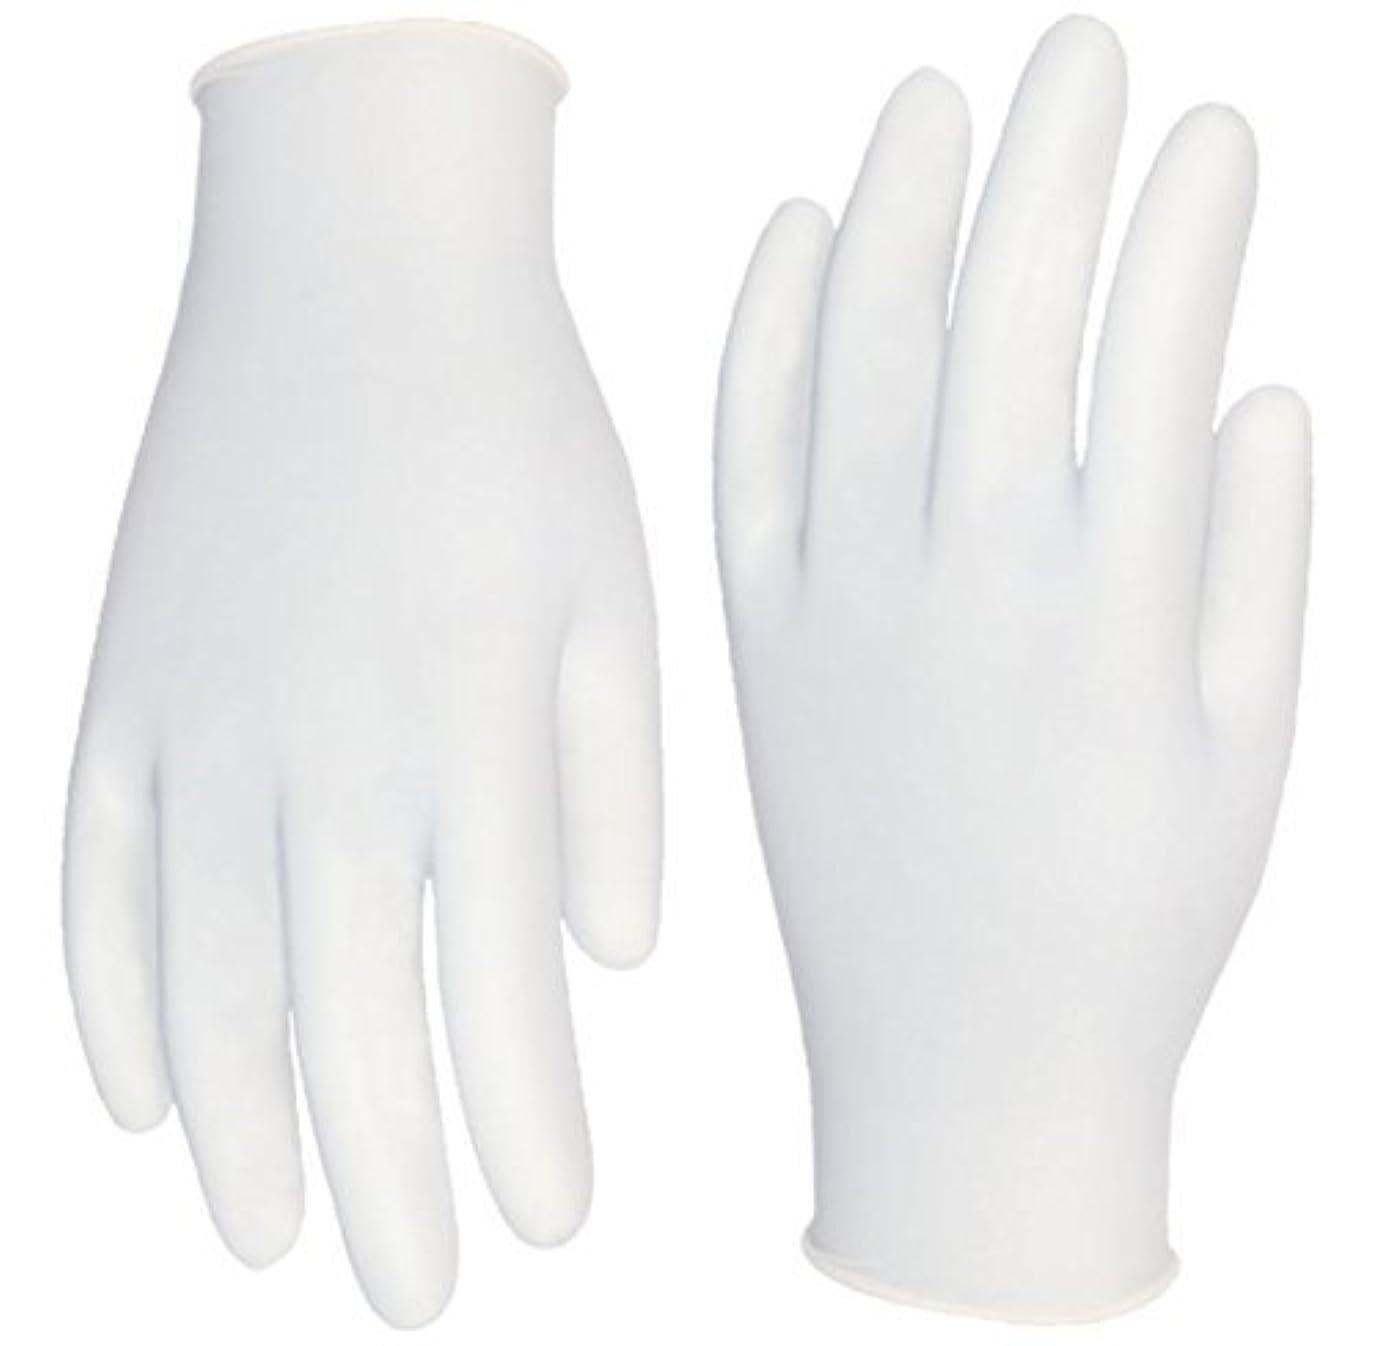 夕食を作るウィンクマウンドCordova Safety Products 4015XL Silver Industrial Grade Latex Powder Free Disposable Gloves, X-Large [並行輸入品]